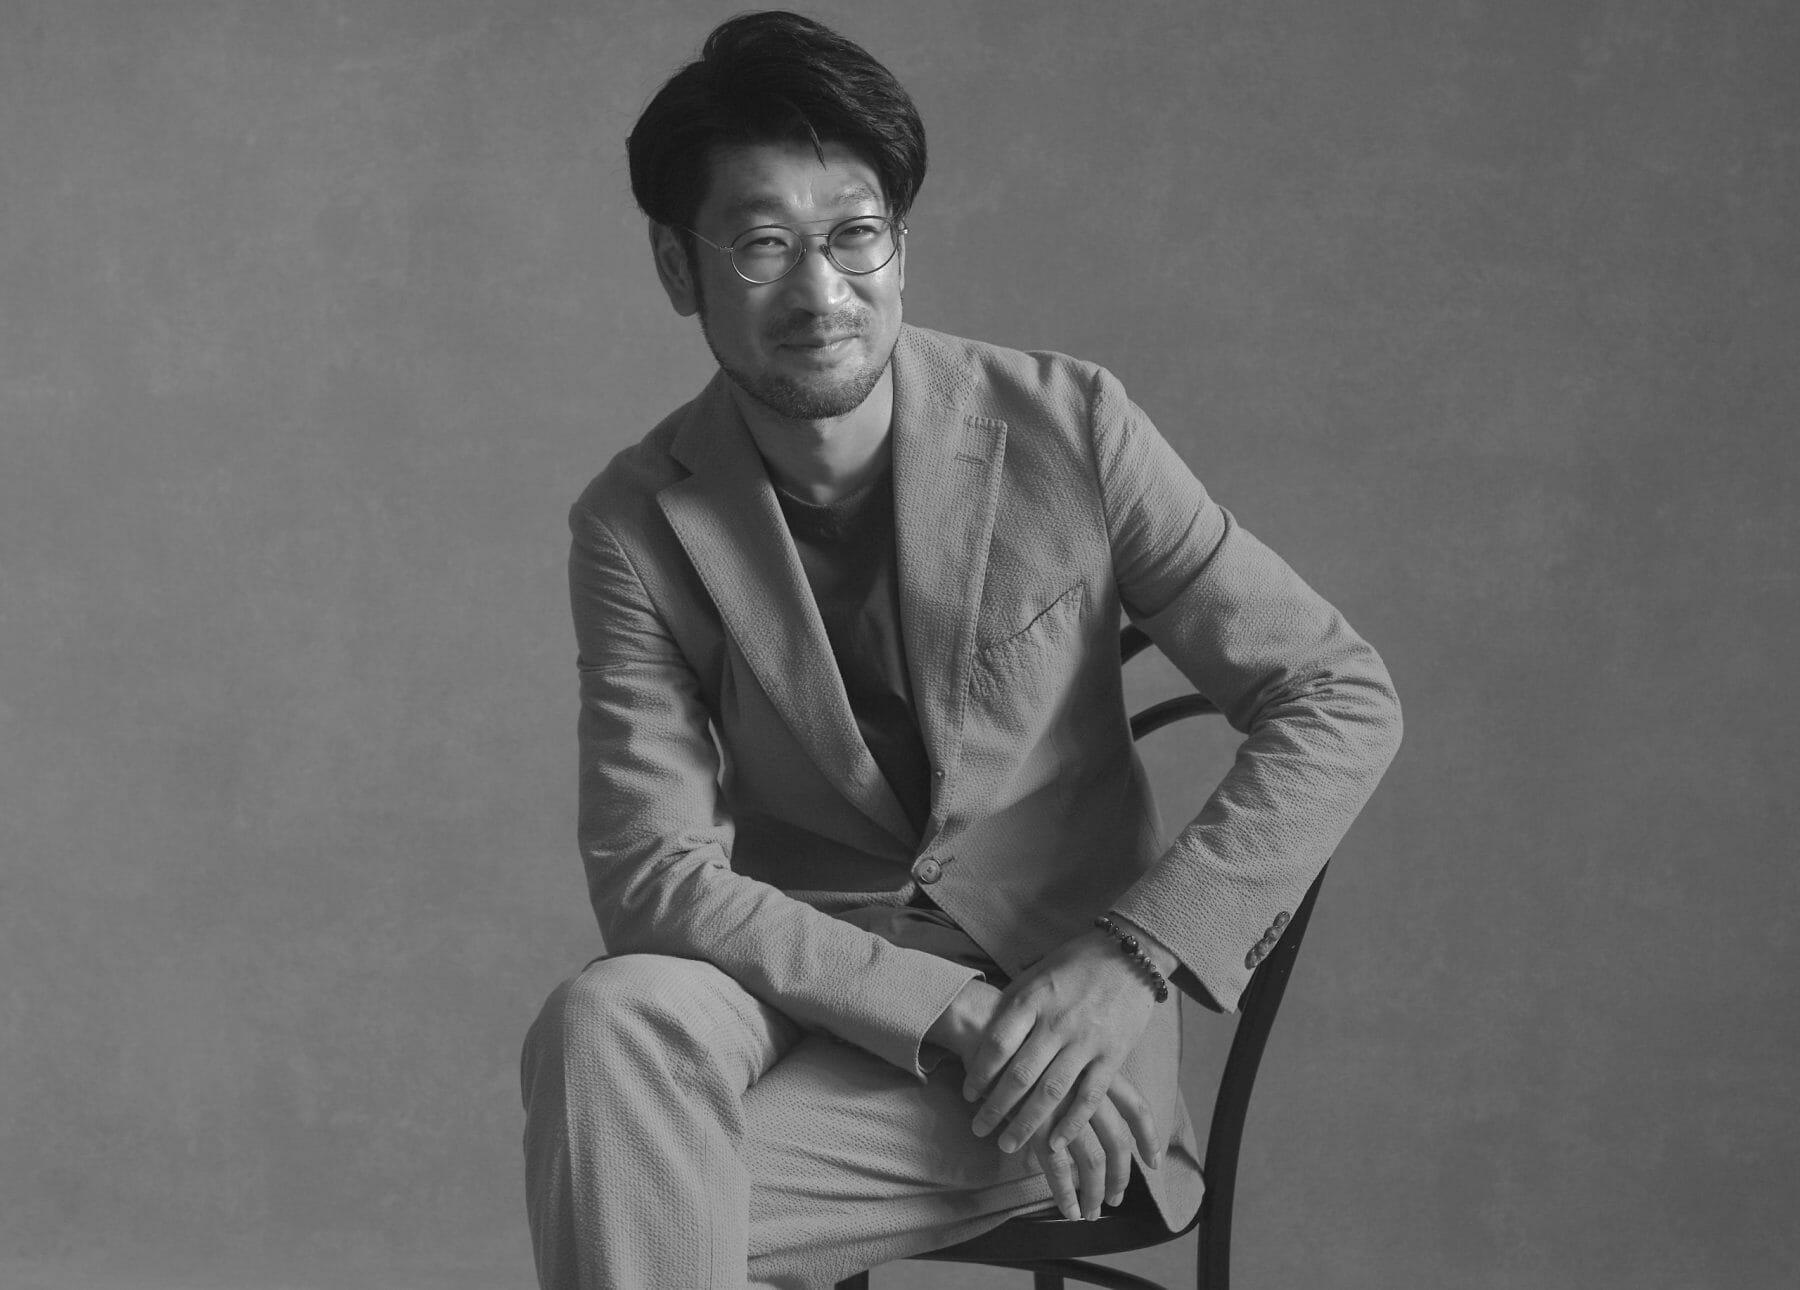 ゲーテ編集長池上雄太ポートレイト